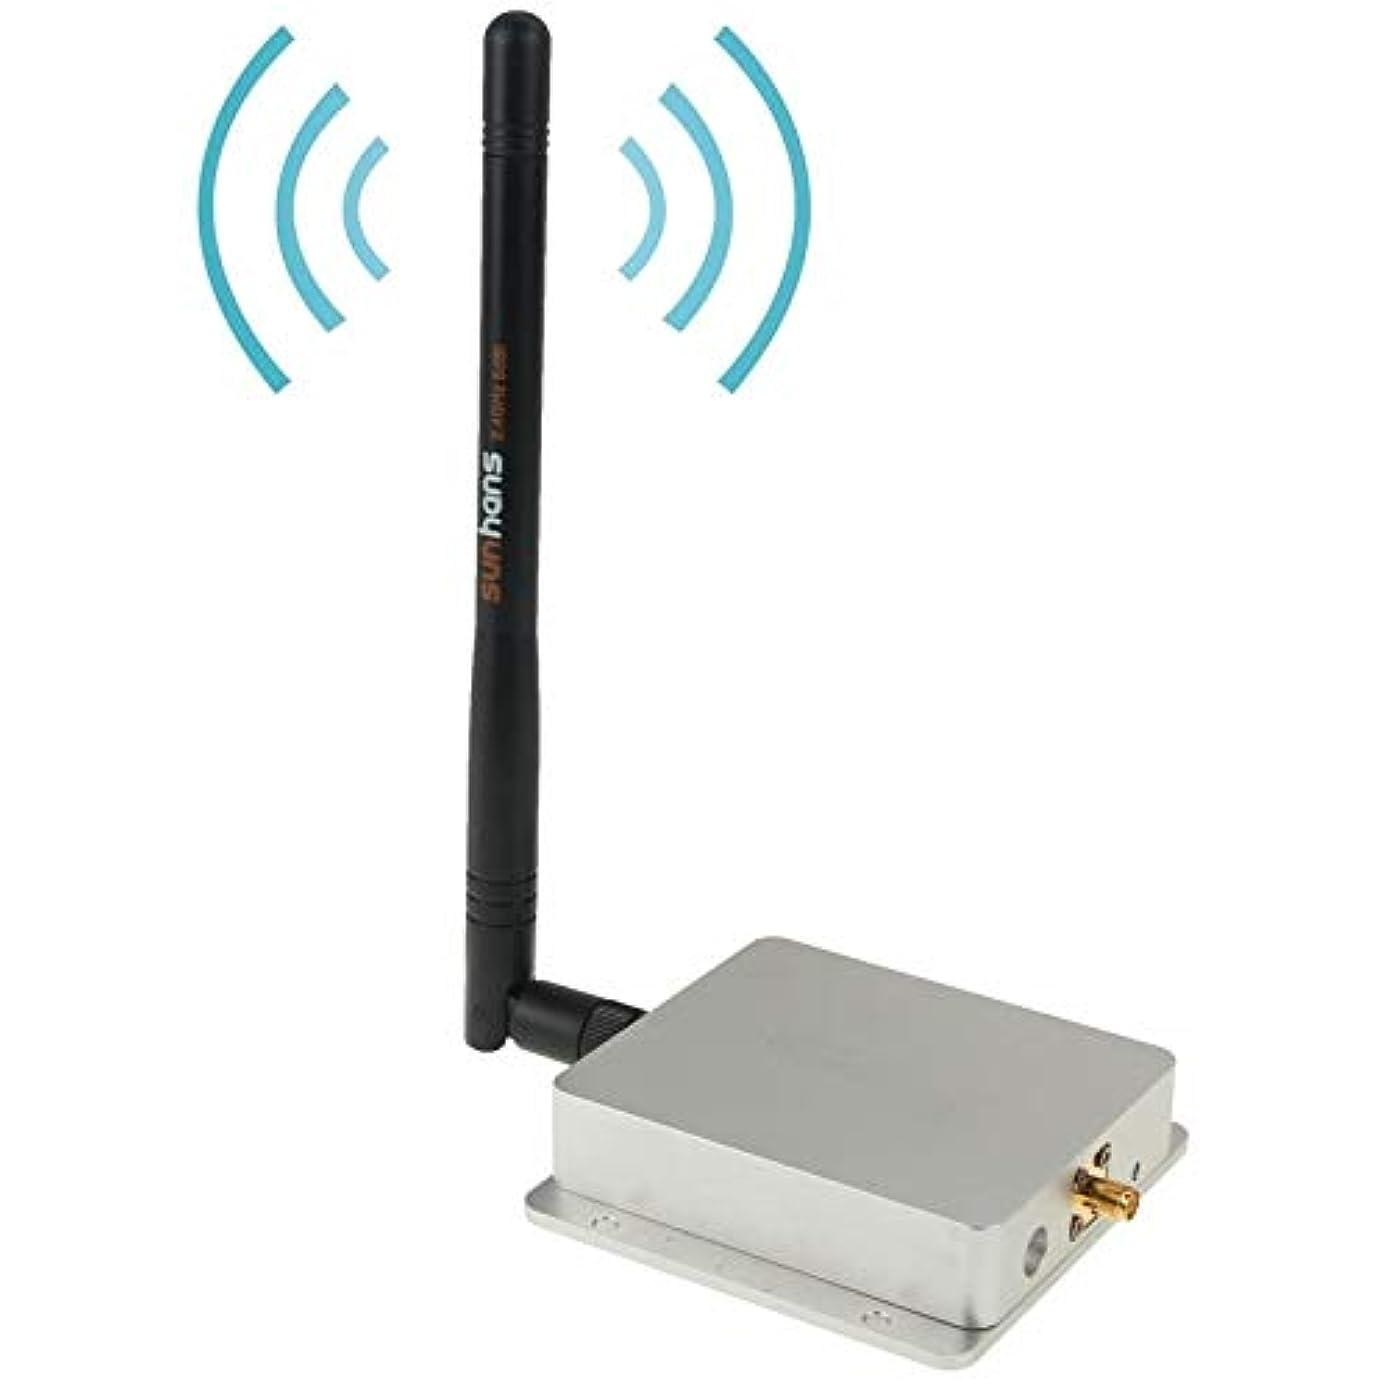 控えめな履歴書ローズコンピューターケーブル 2.4Ghz インドア WiFi ハイパワーシグナルブースターアンプ 802.11 b/g/n (SH24Gi4000) ネットワークケーブル